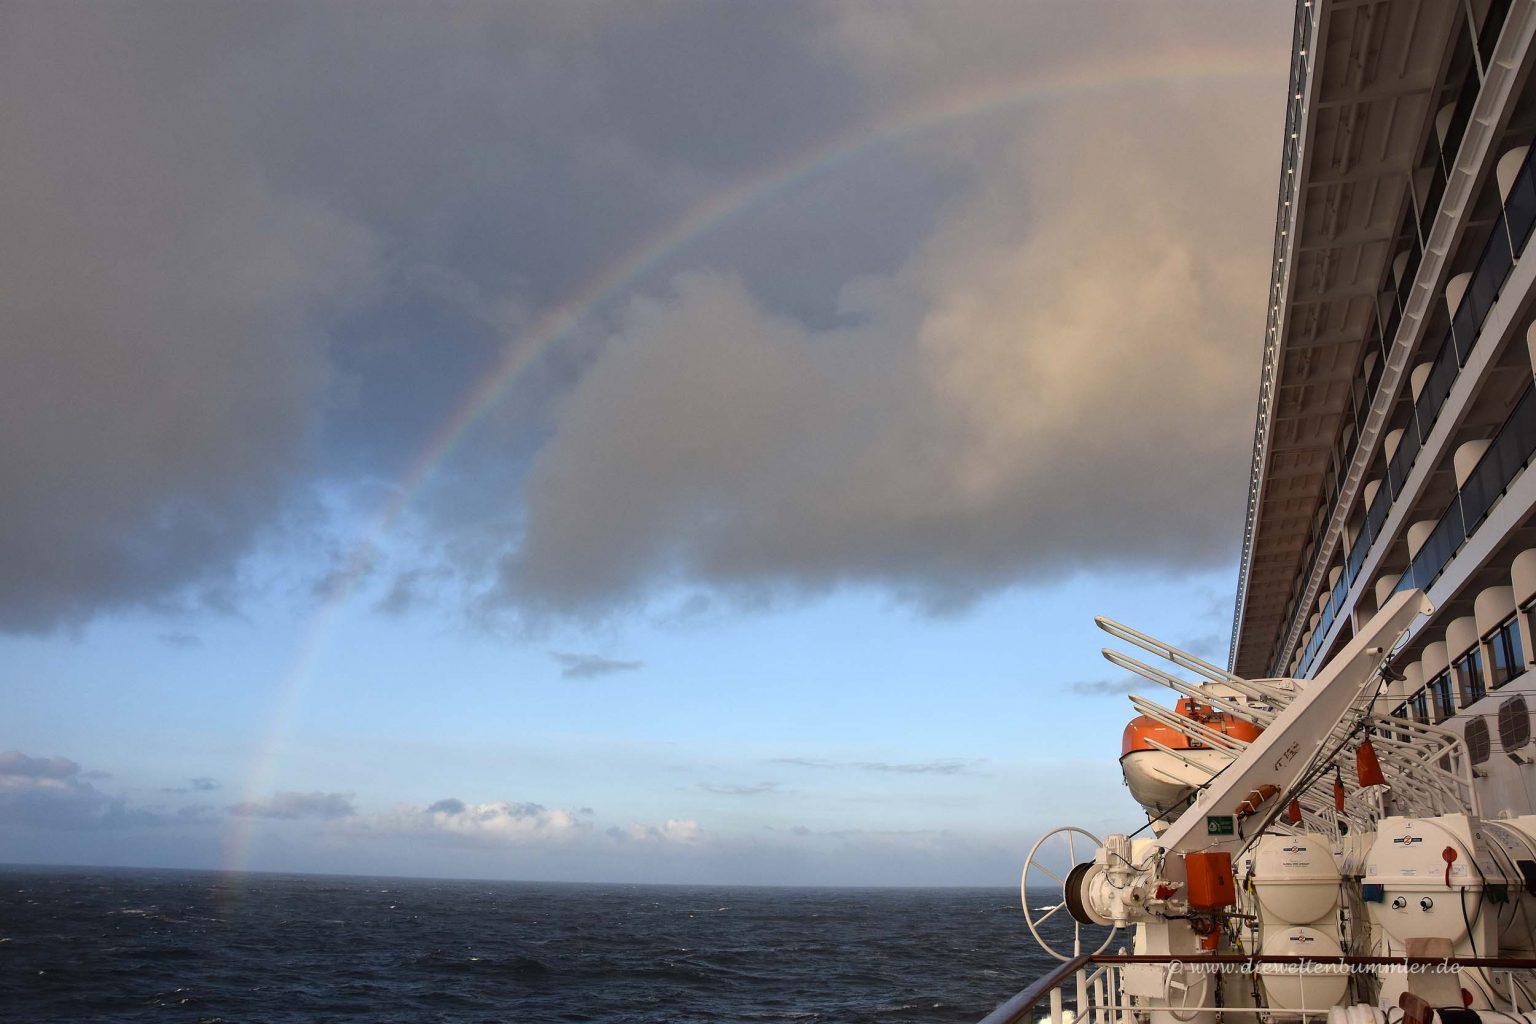 Regenbogen über dem Schiff